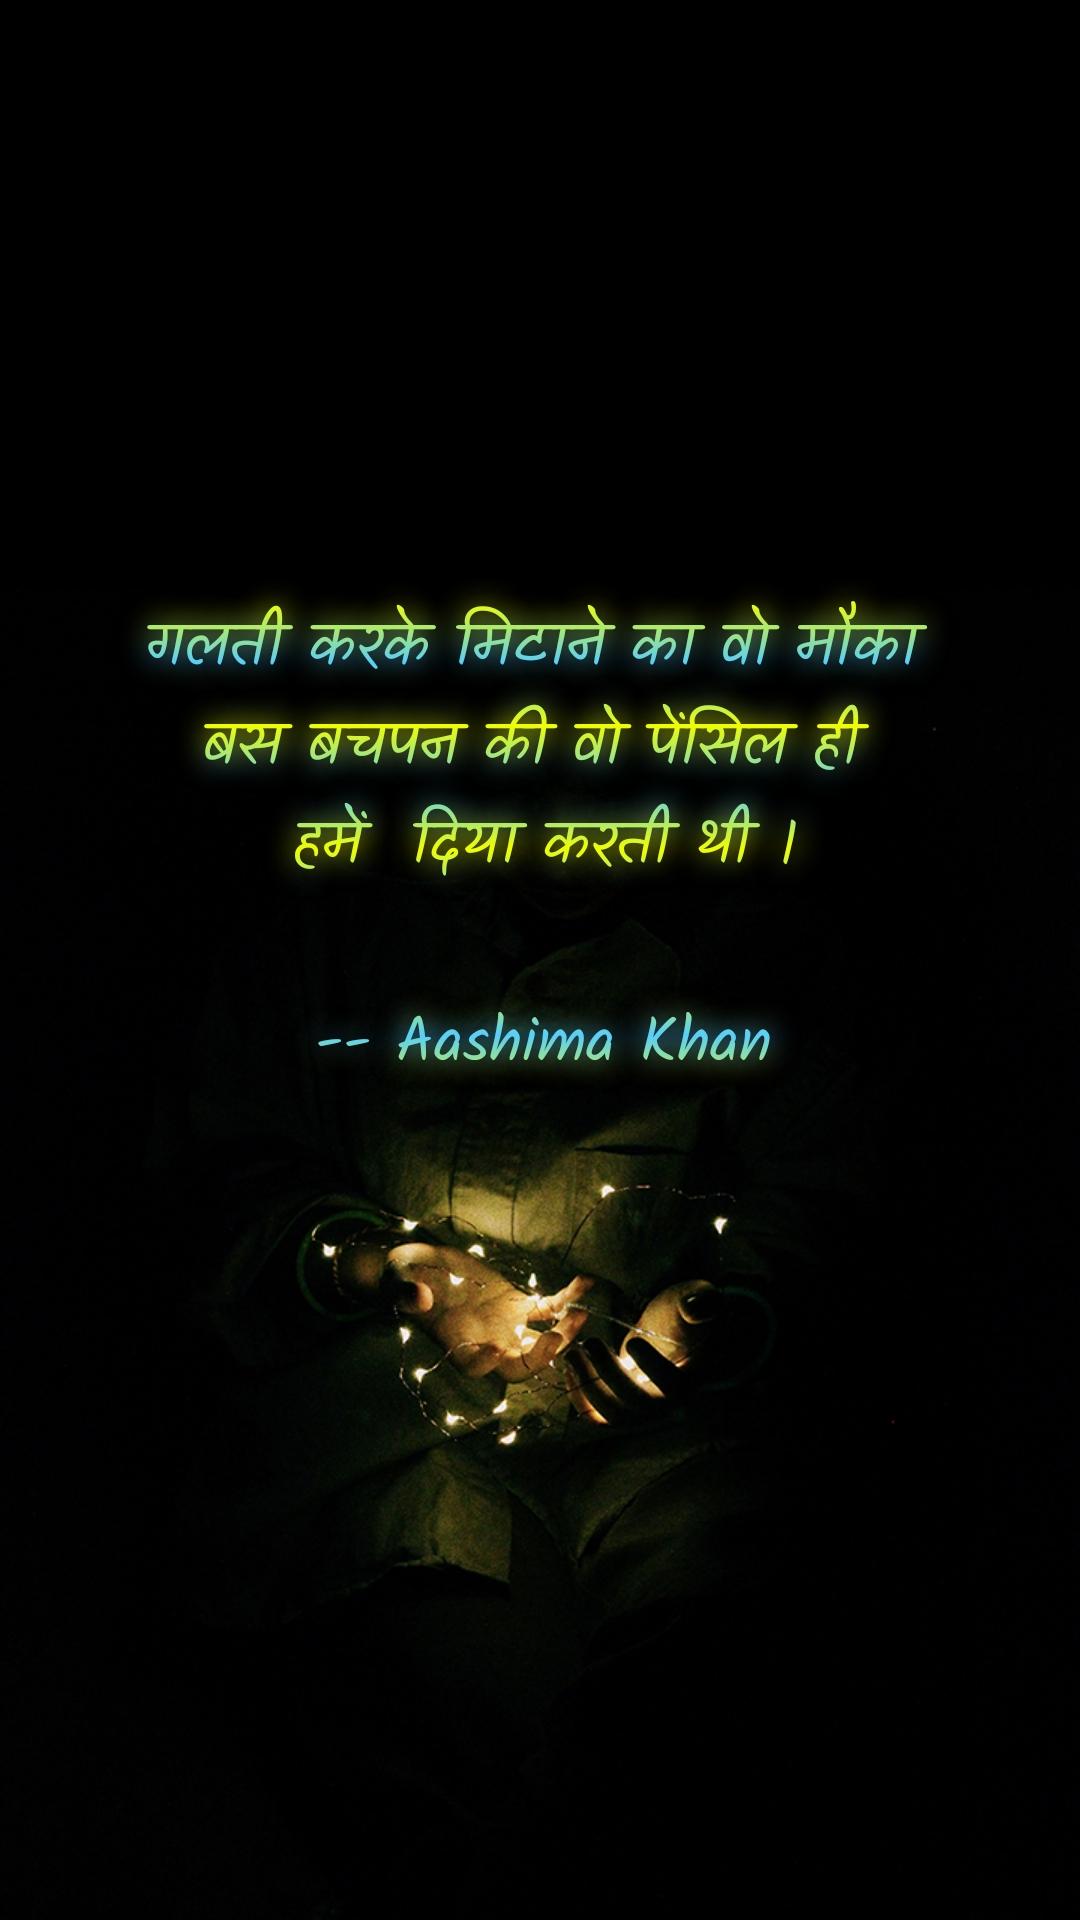 गलती करके मिटाने का वो मौका  बस बचपन की वो पेंसिल ही  हमें  दिया करती थी ।  -- Aashima Khan